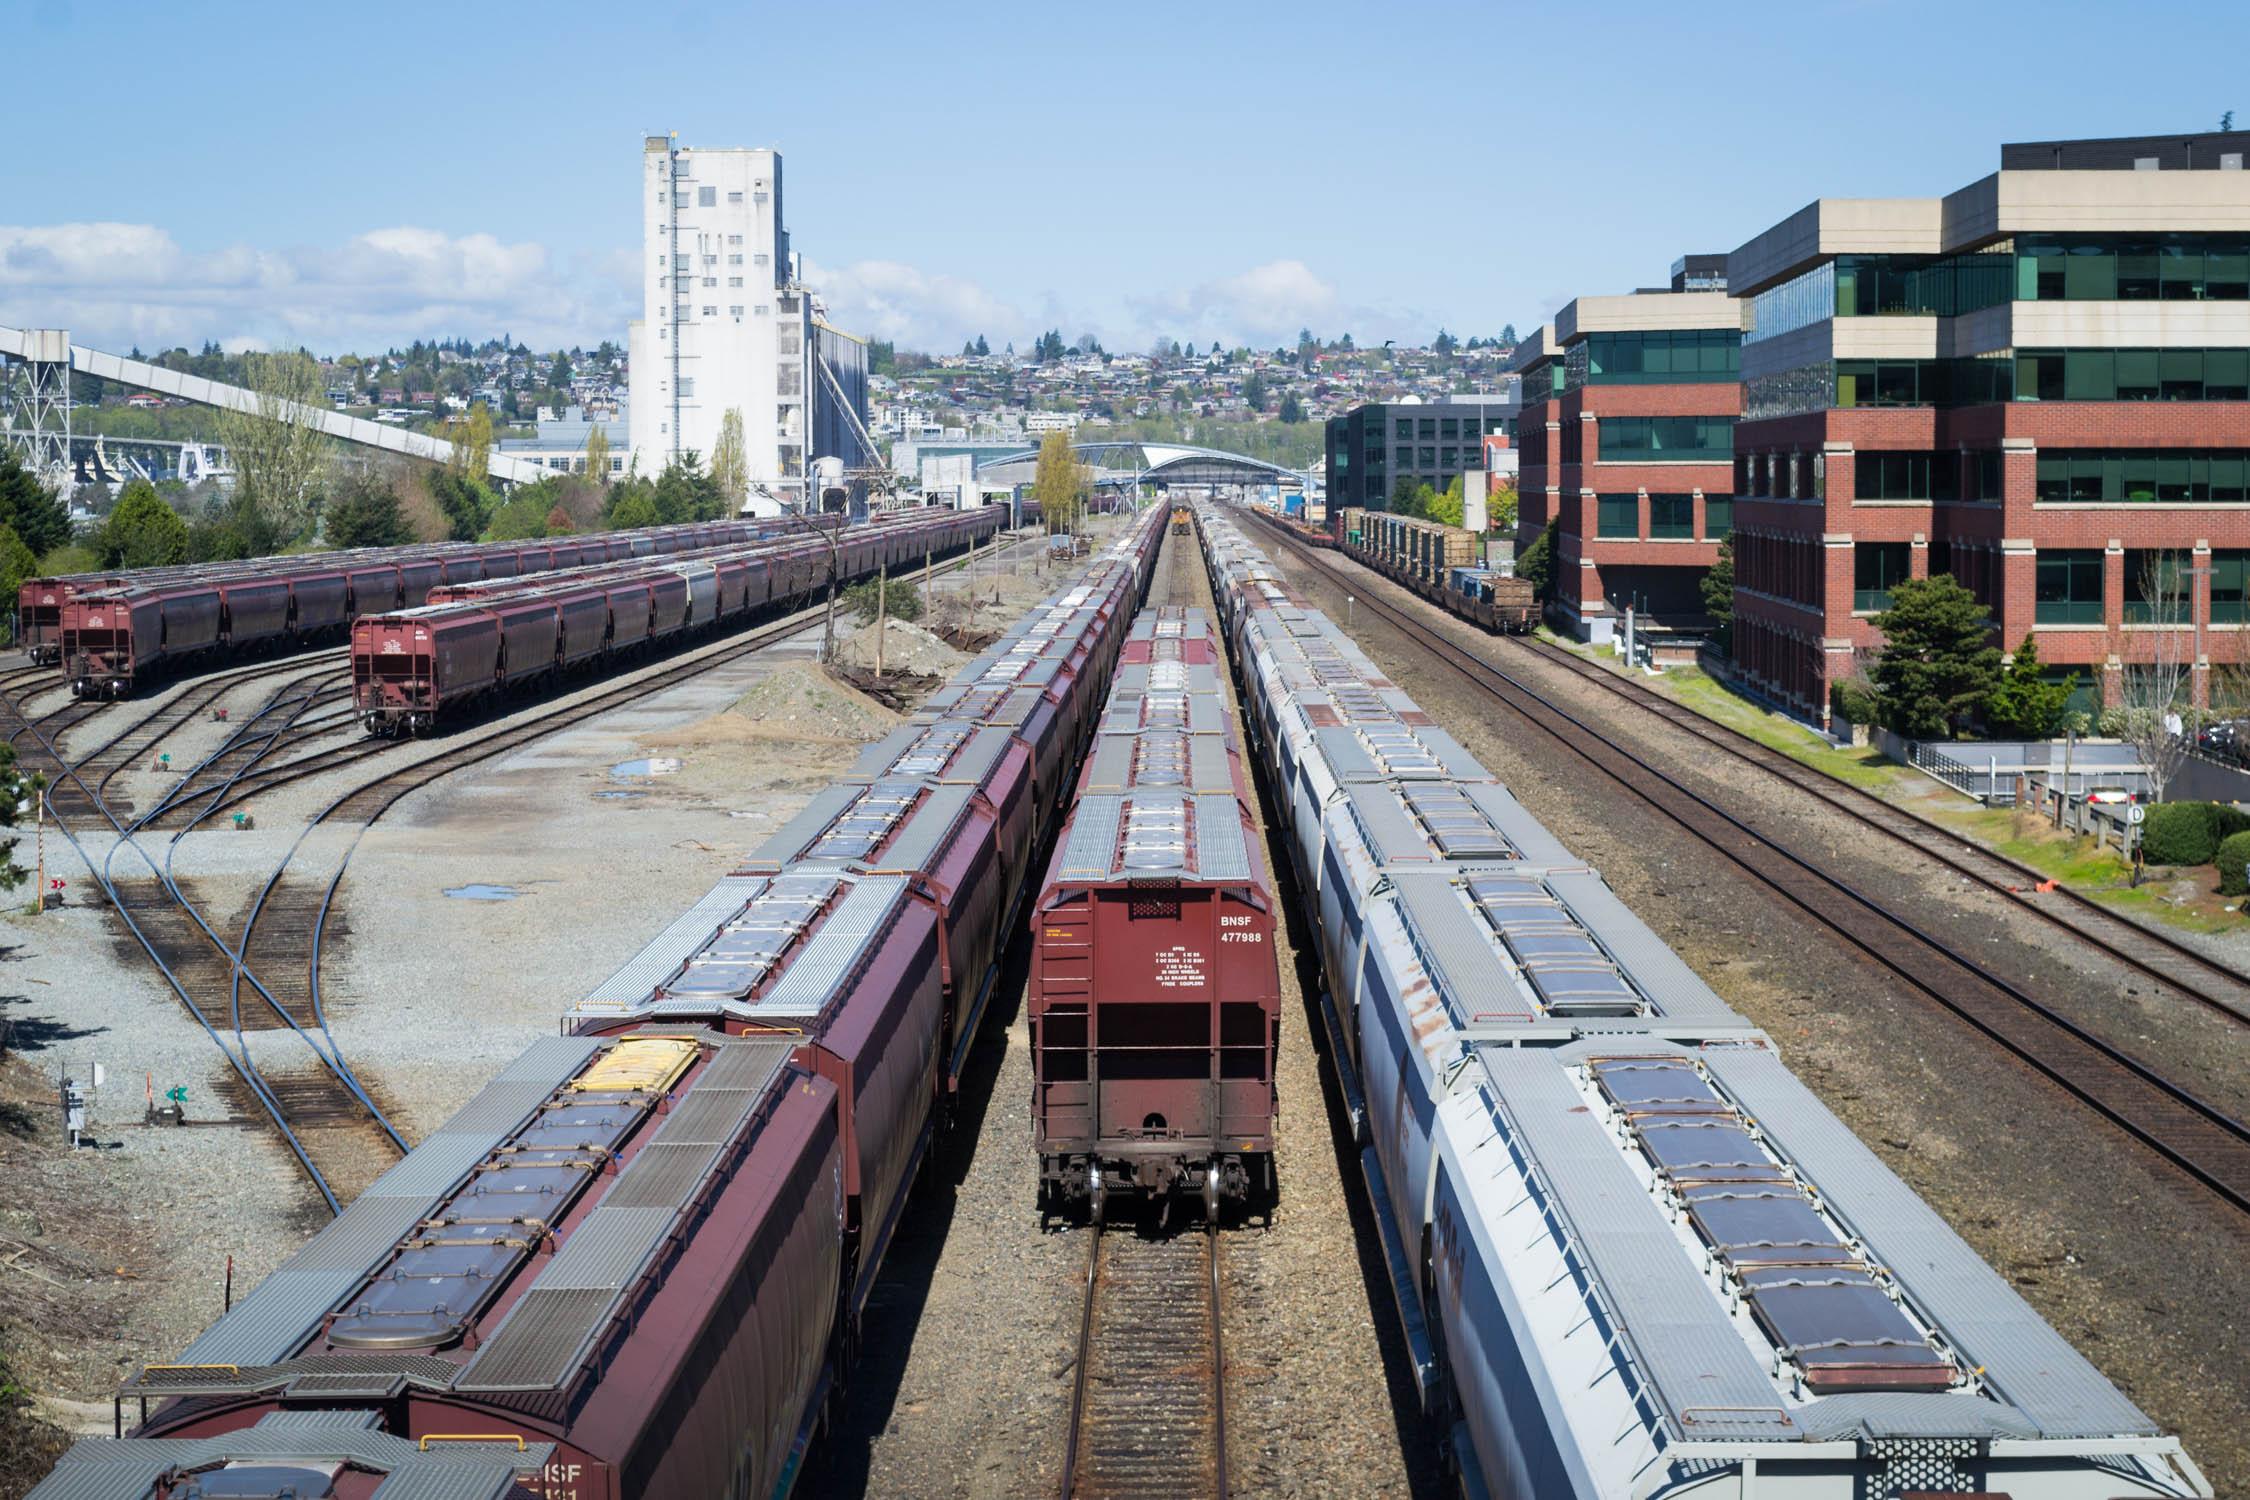 Une gare de triage avec des trains suuuuuper longs